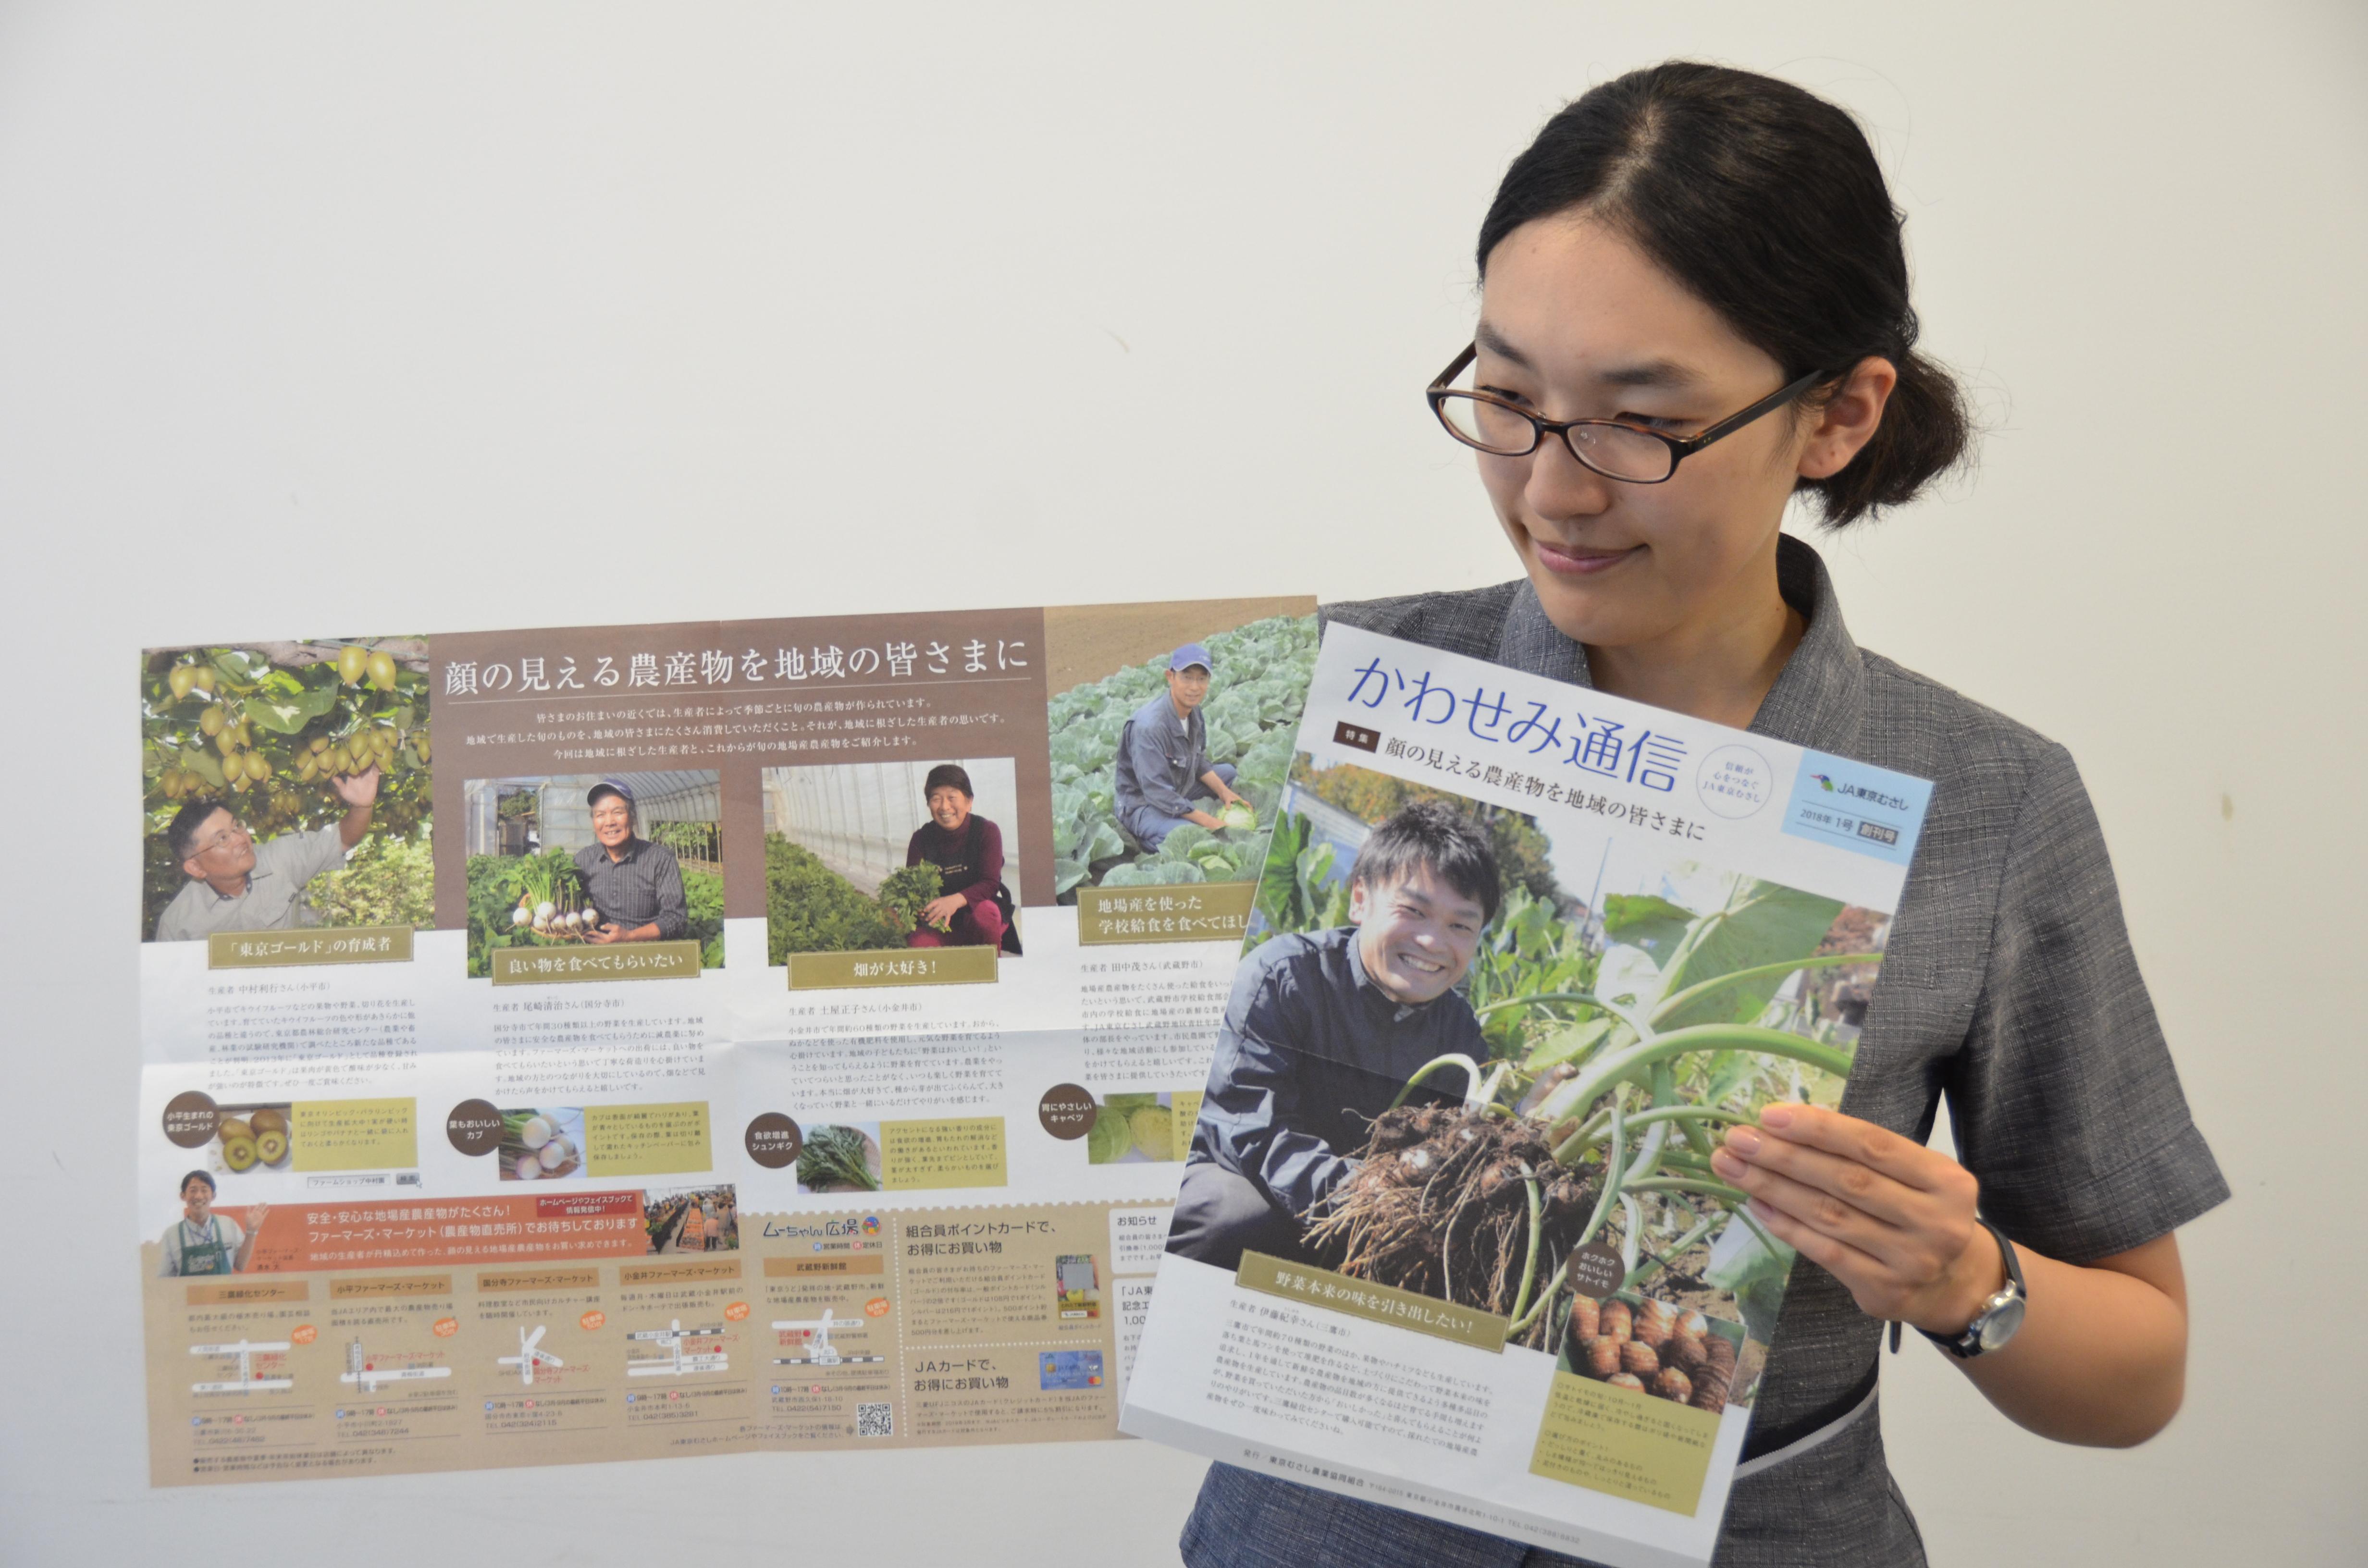 地域農業の応援団になってほしい!准組合員向け広報誌を発行